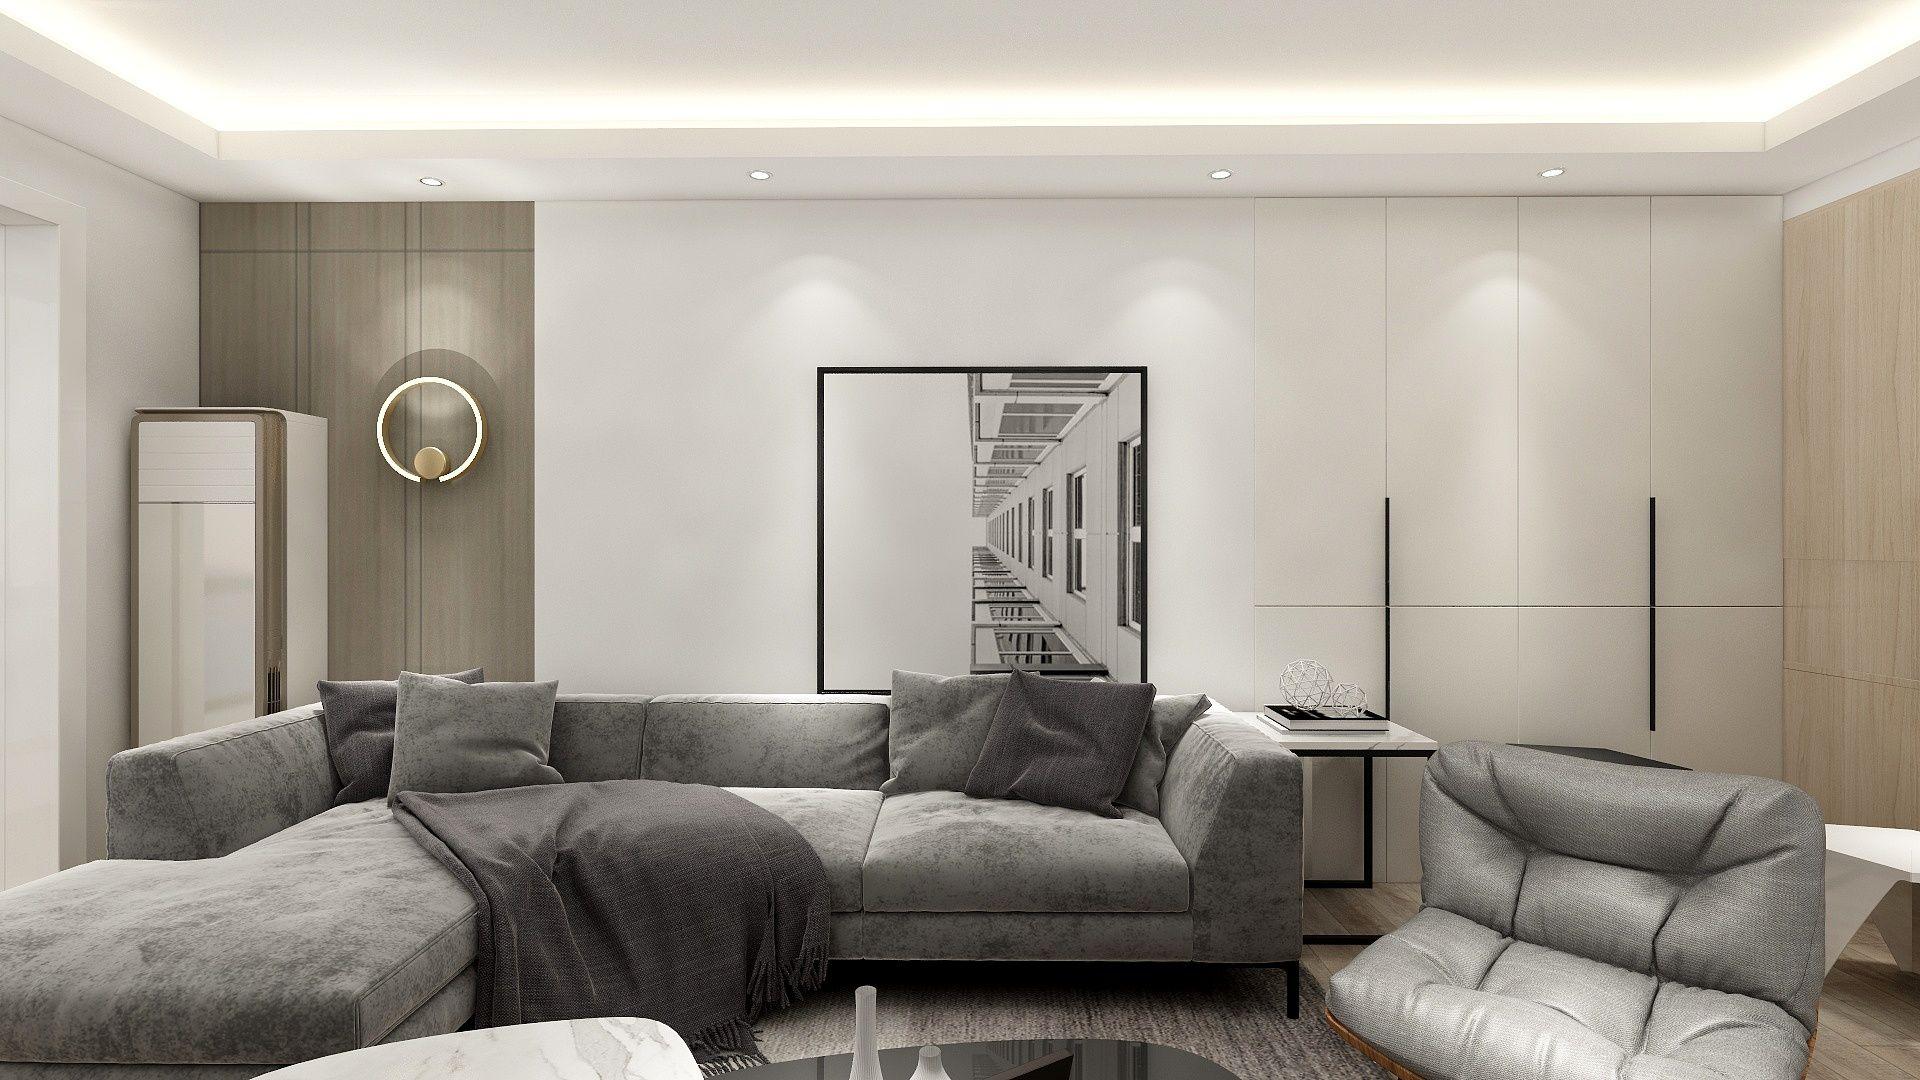 Living Room Interior Design Ideas Interior Design Interior Design Software Design